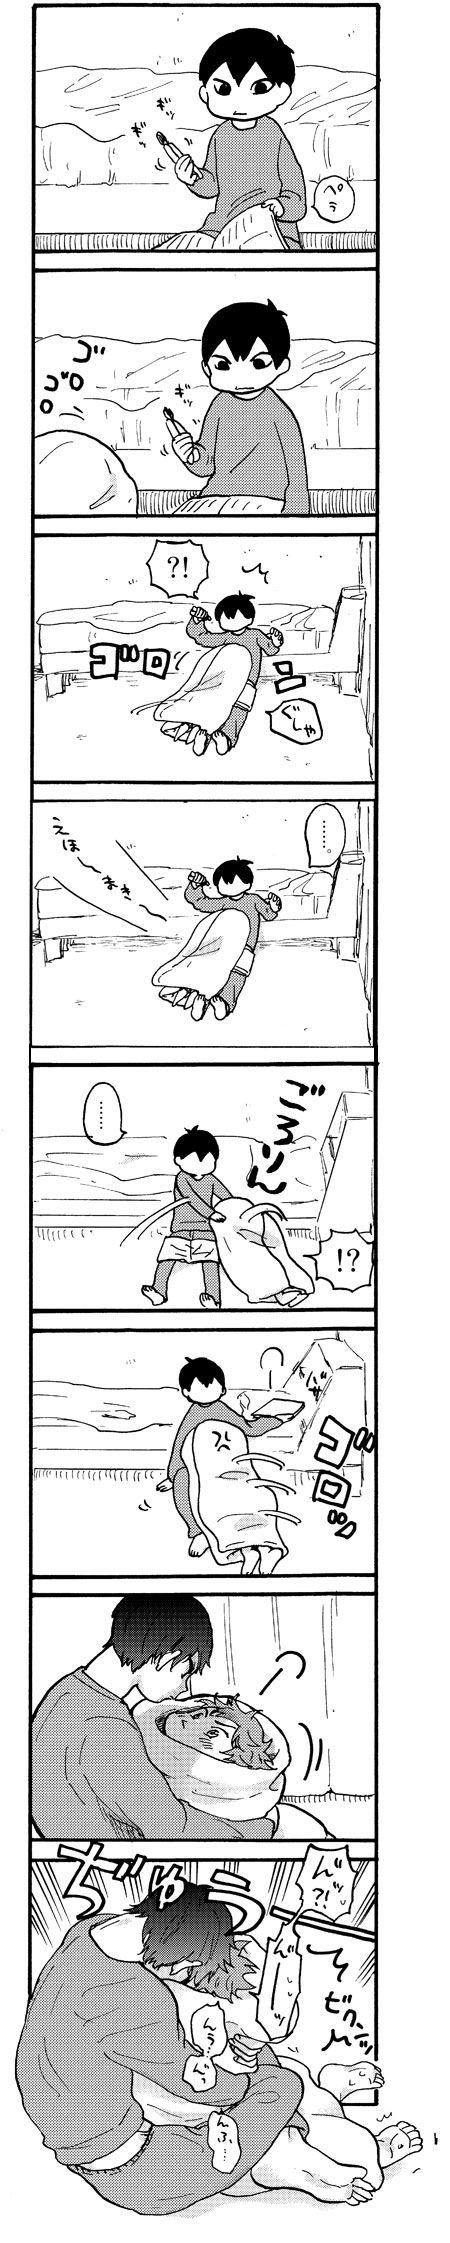 Haikyuu Hinata Tobio